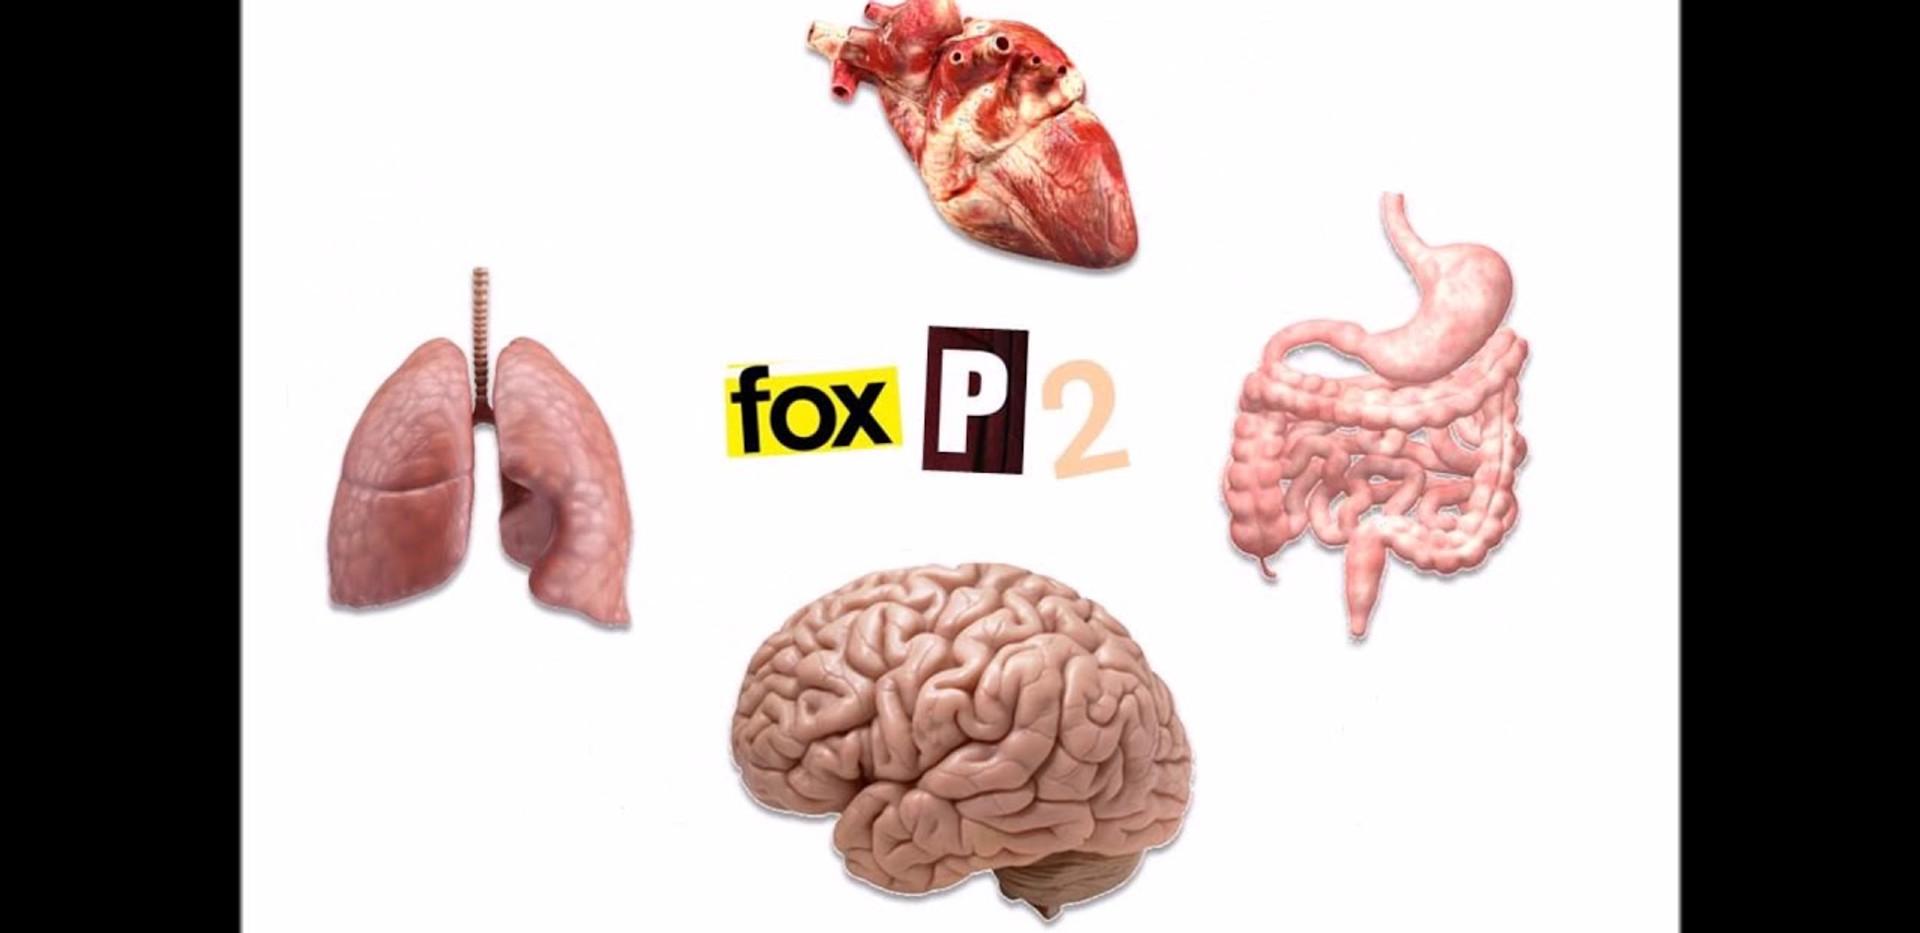 Mito ou verdade? FoxP2 é o gene da linguagem?